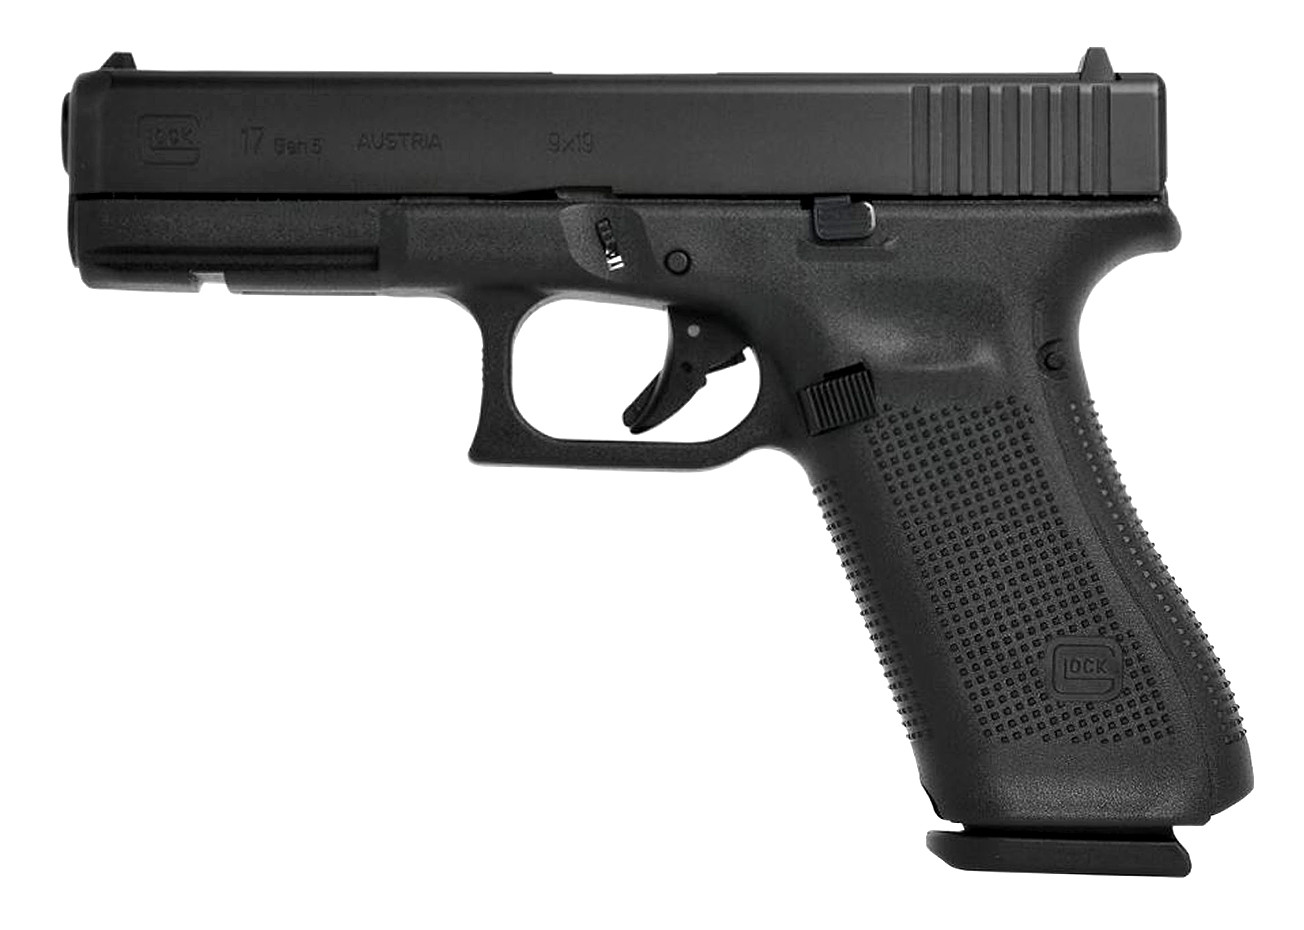 Pistole Glock 17 Gen. 5 9 mm Luger Waffenstube Thalkirchen München Bayern Deutschland